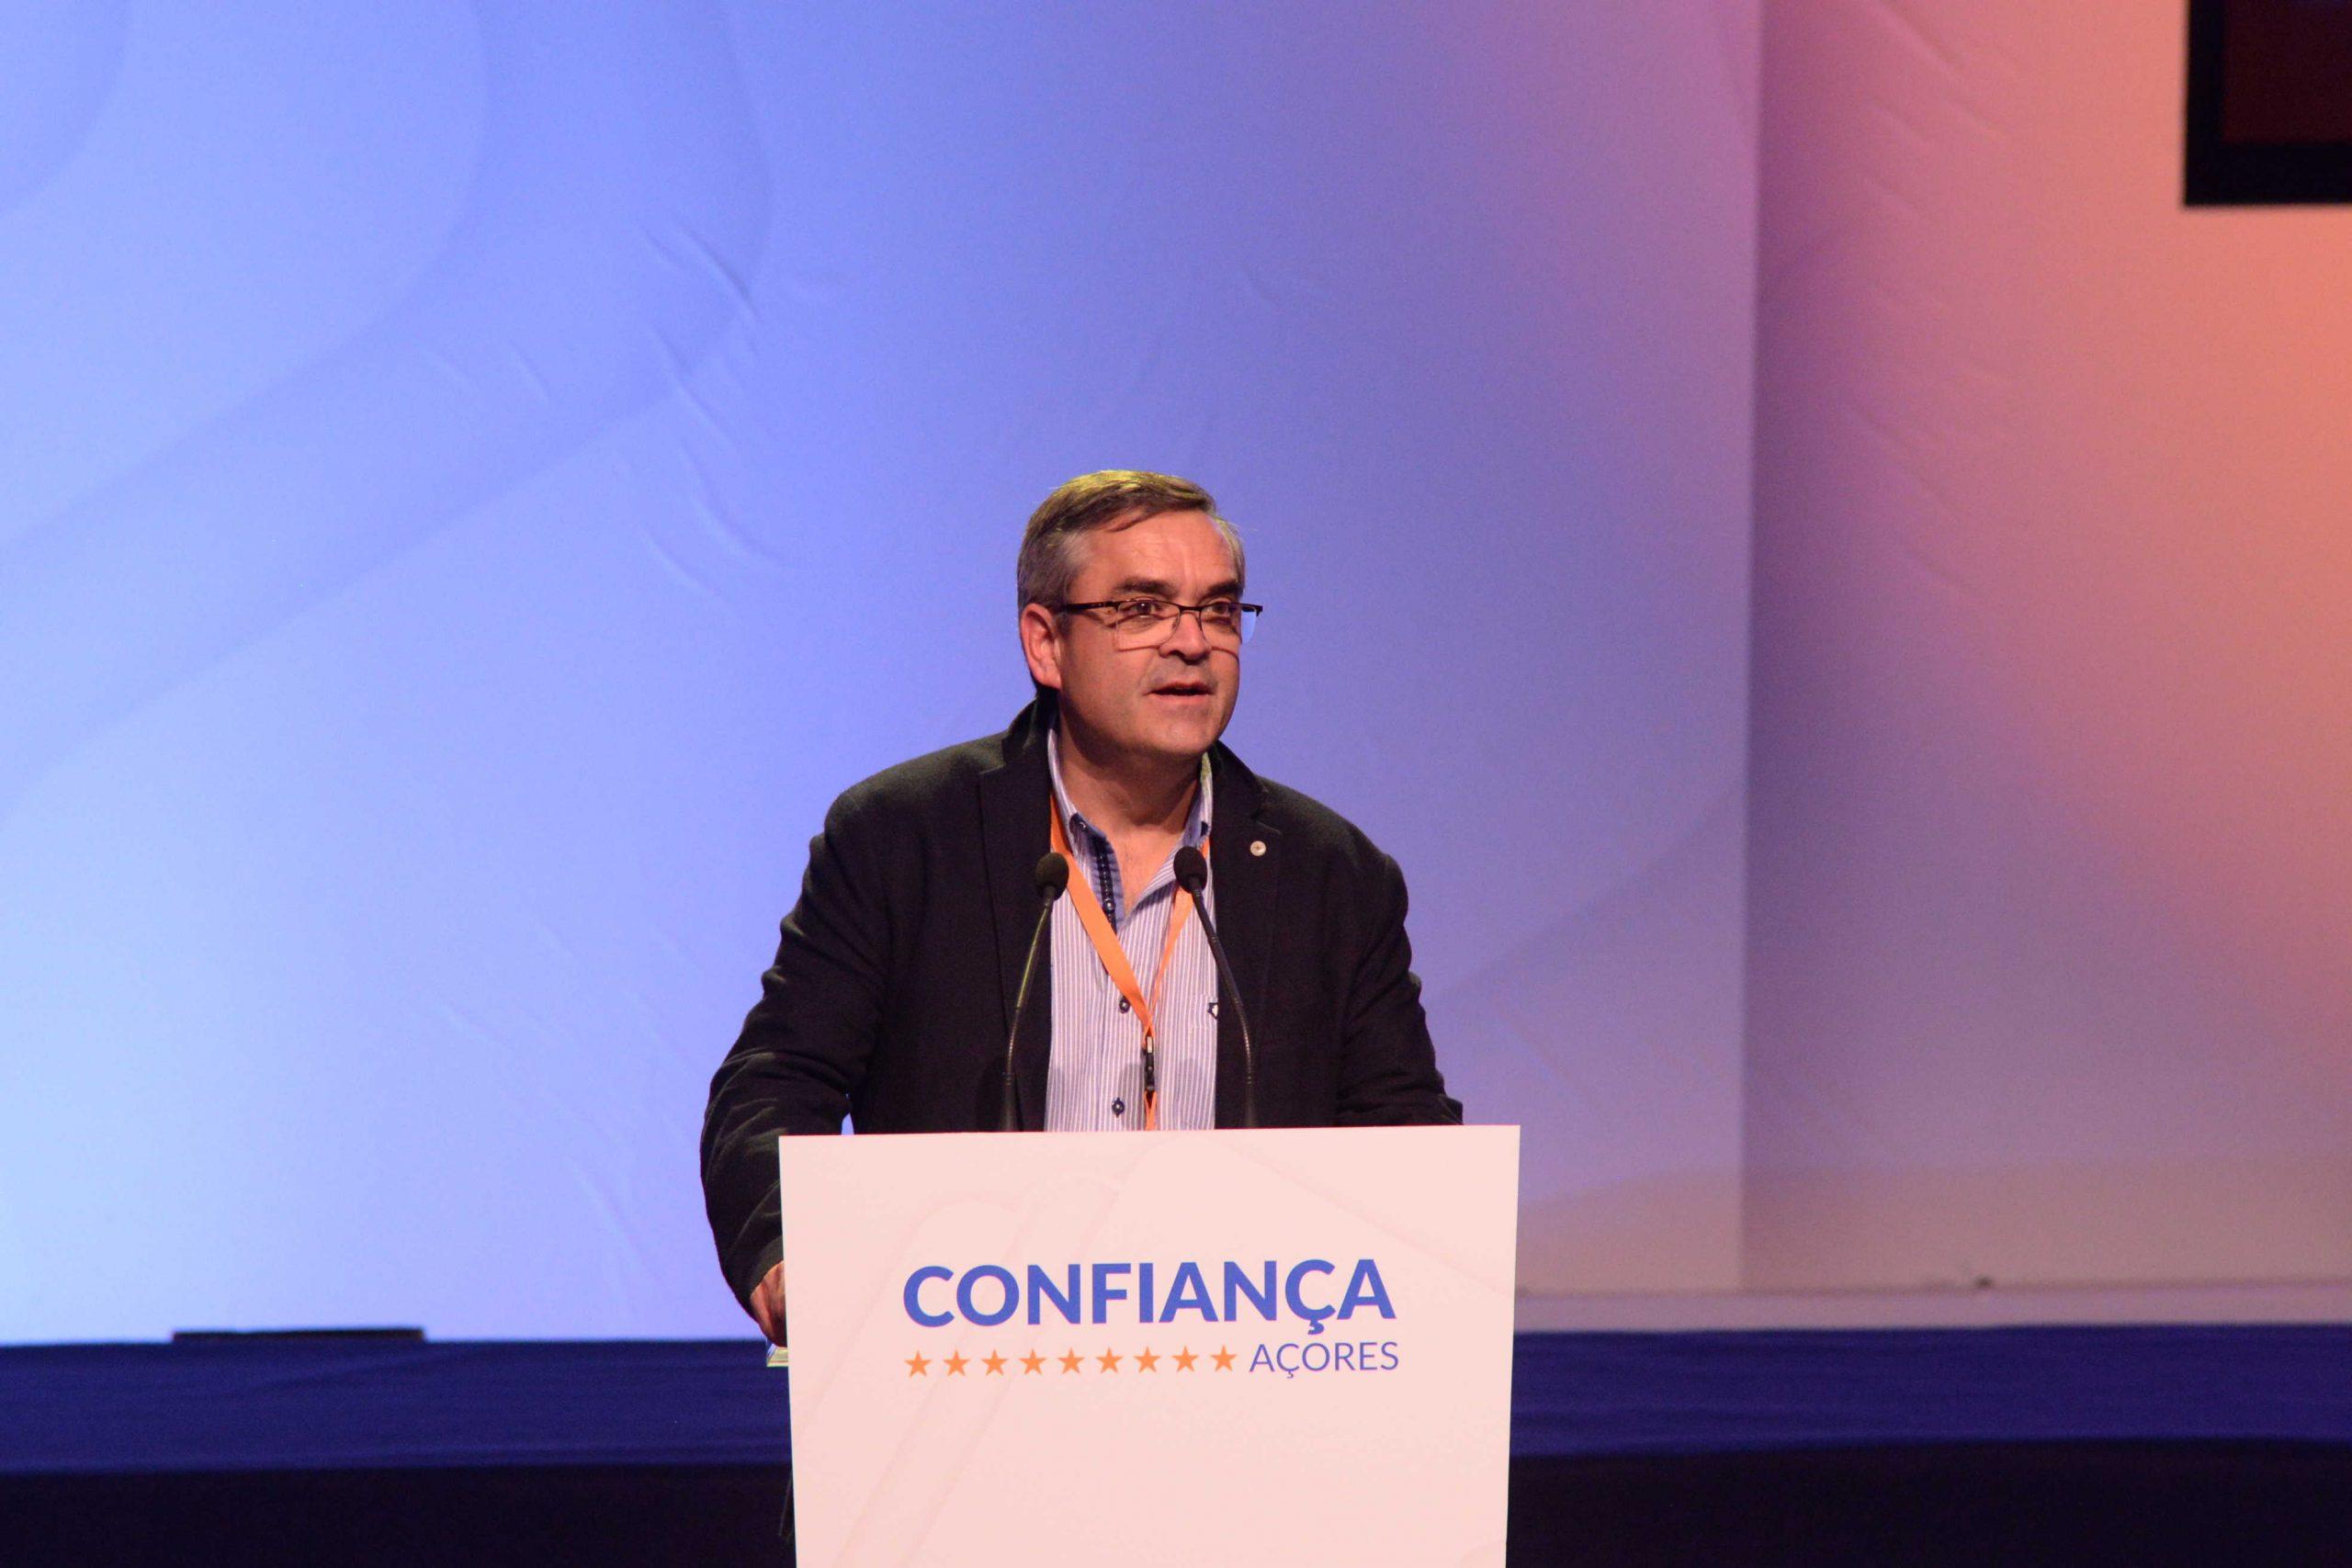 Vasco Cordeiro chegou tarde aos problemas da obra do Centro de Saúde de Velas, afirma Paulo Silveira